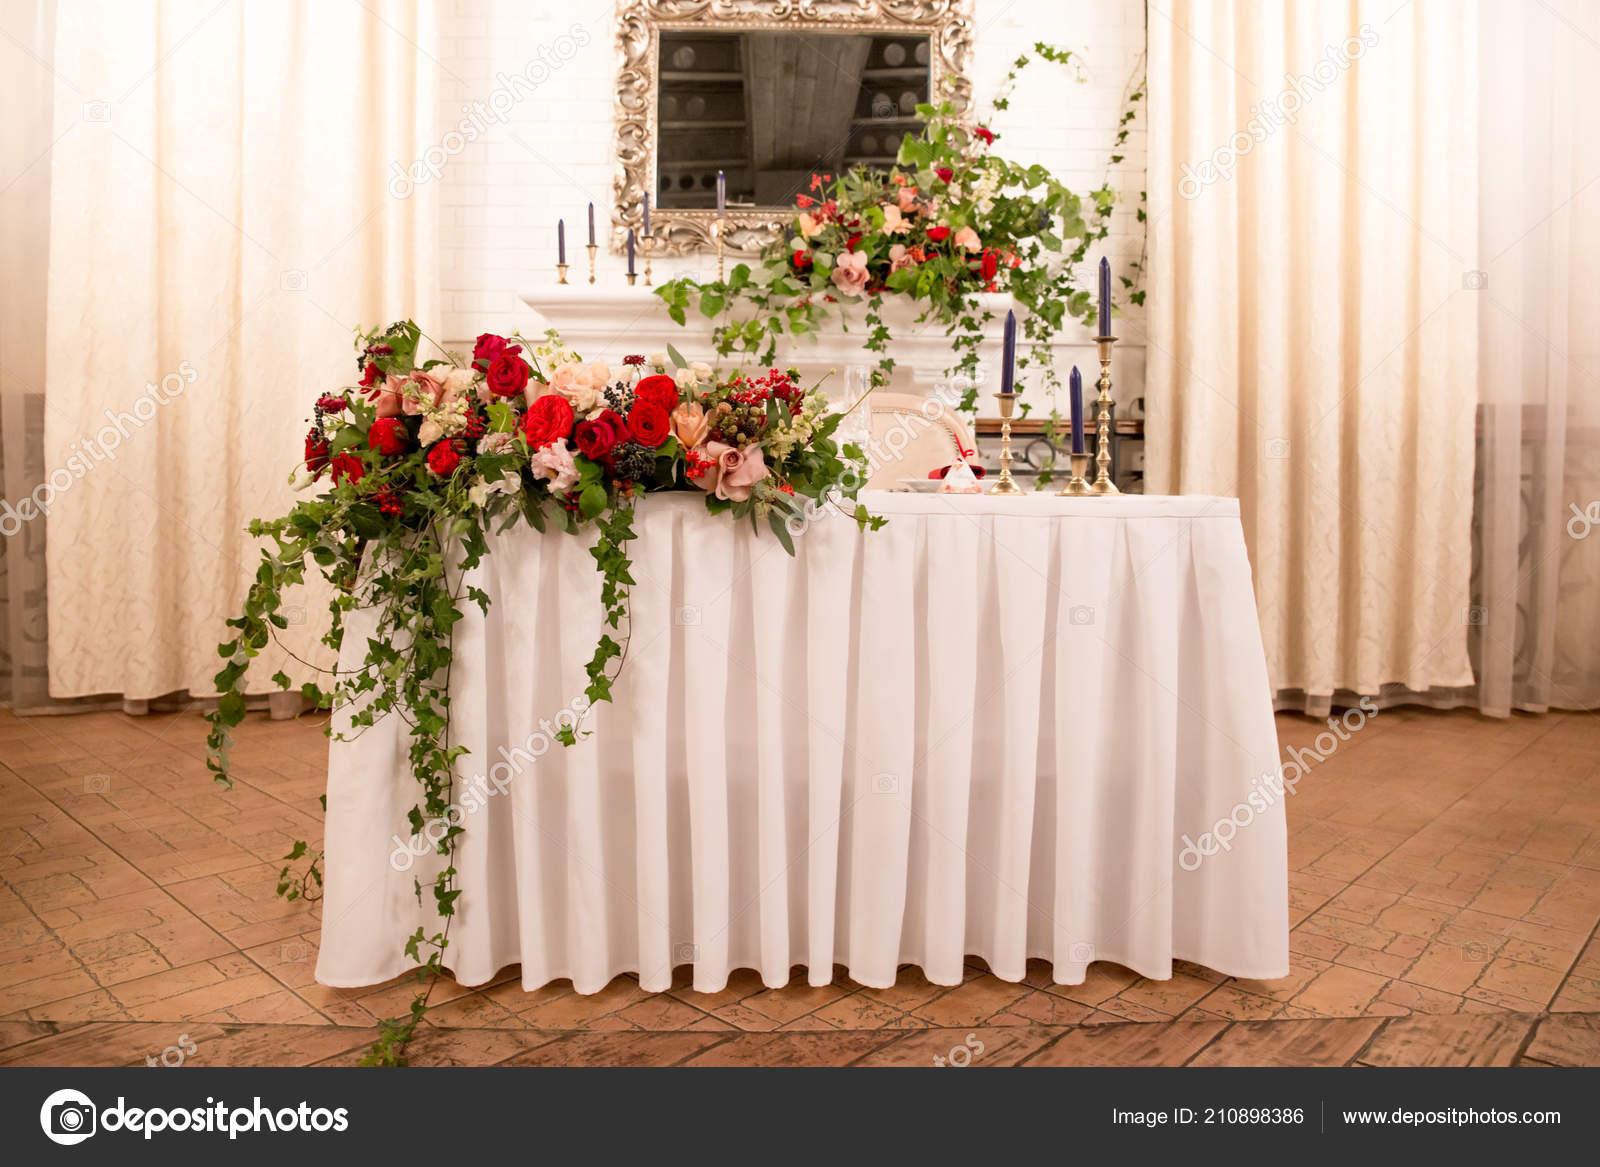 Tischdekoration Fur Hochzeit Tischdekoration Blumen Rote Und Weisse